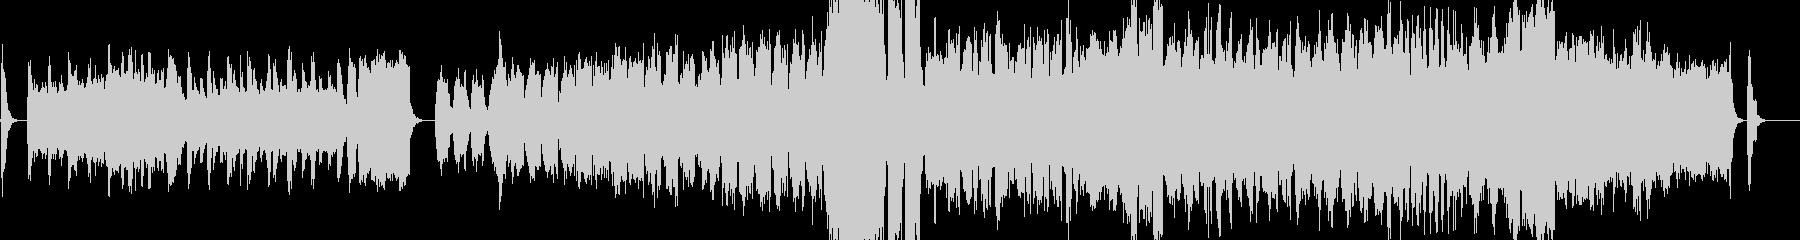 クラシカル・ほのぼの・おしゃれなワルツの未再生の波形